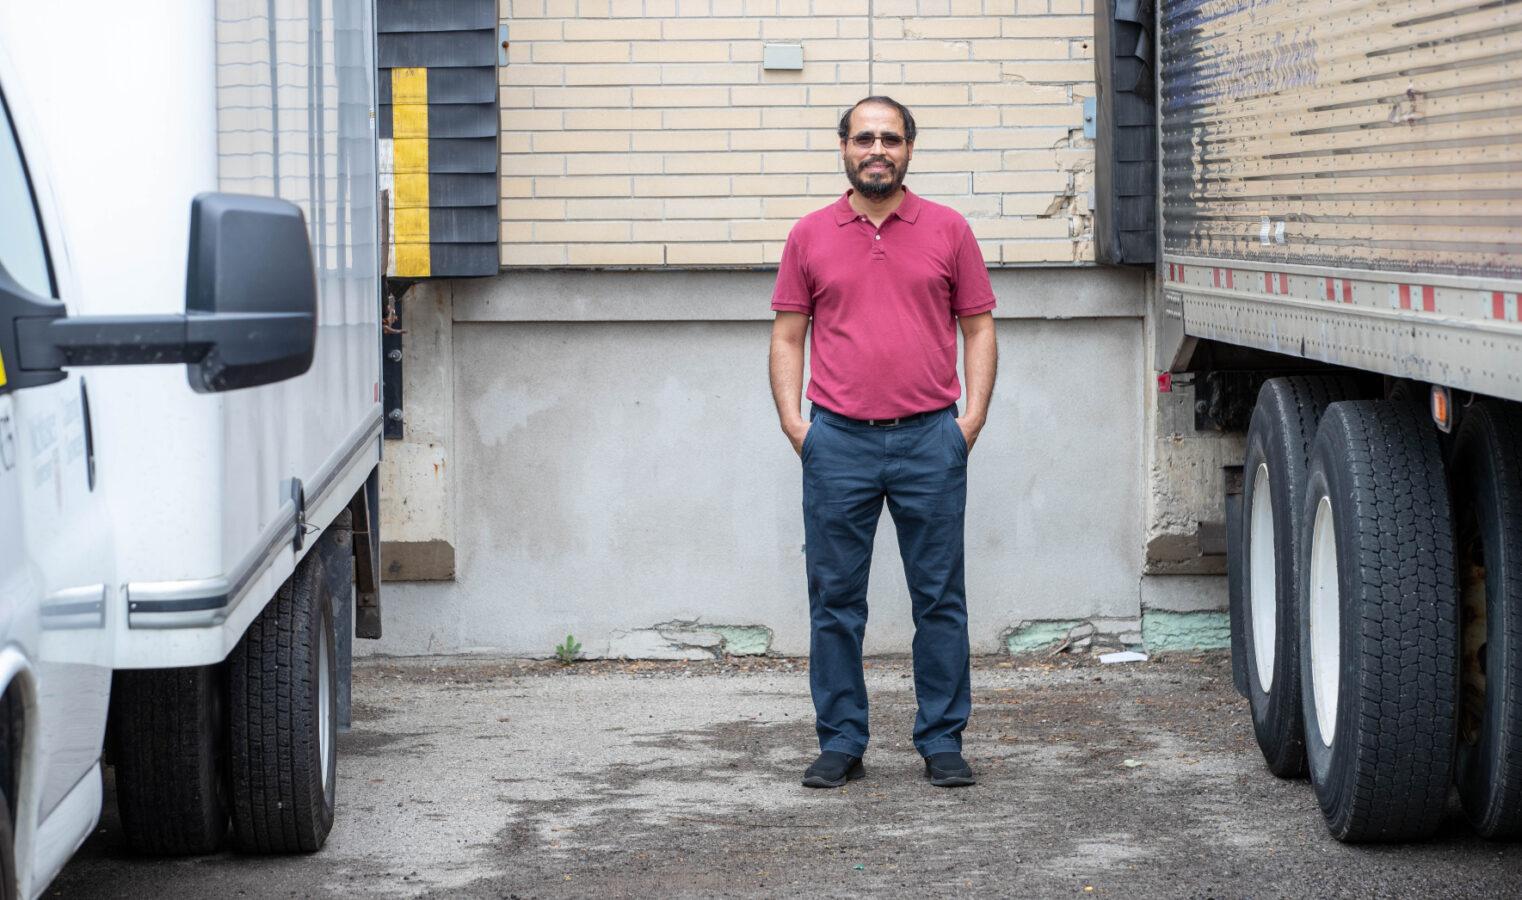 Elkafi hassini standing between trucks